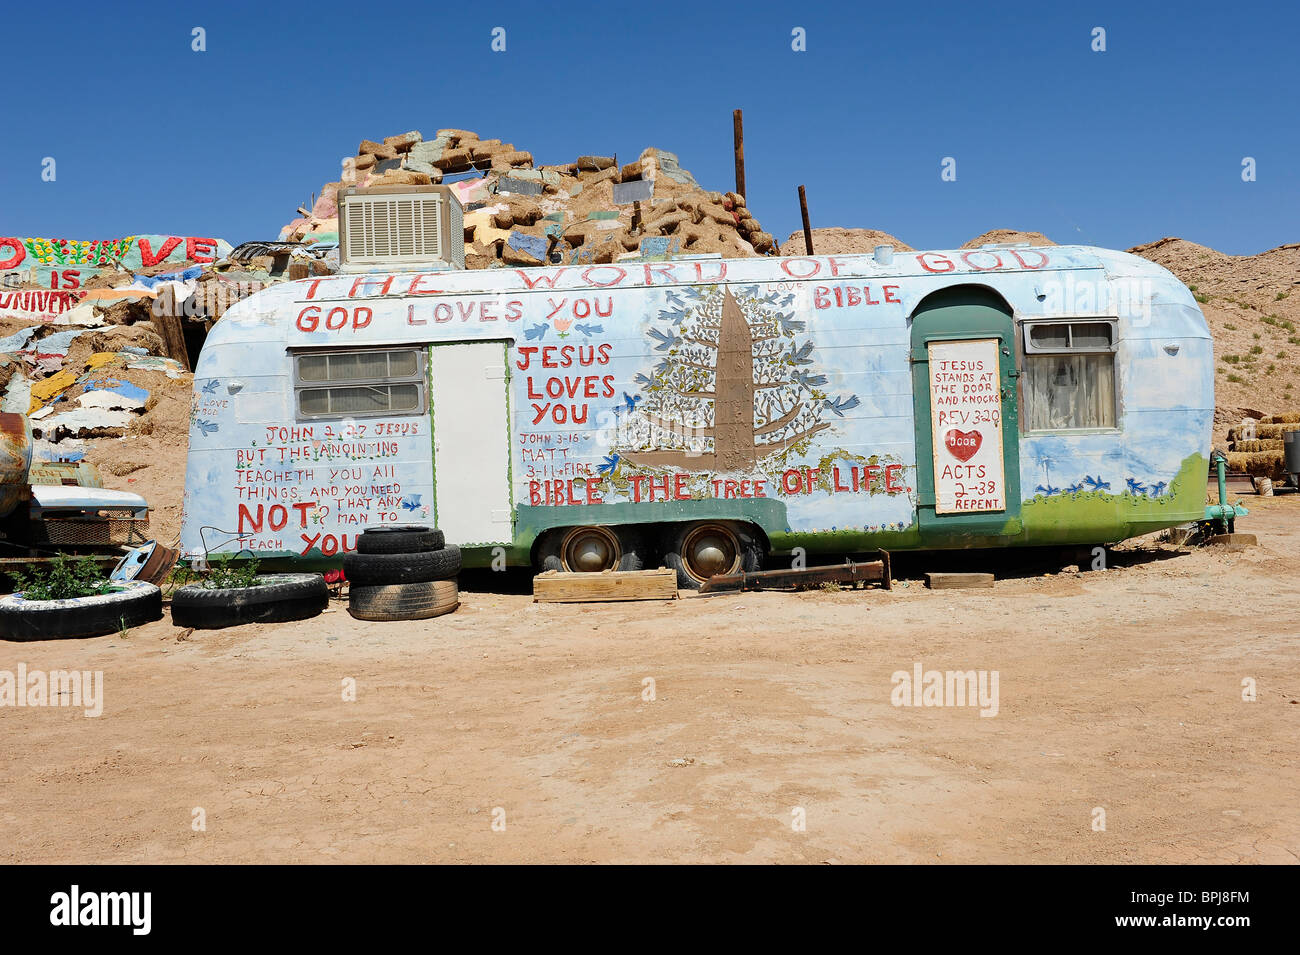 Caravane Ou Mobile Home Peint Avec Des Slogans Religieux Situe Au